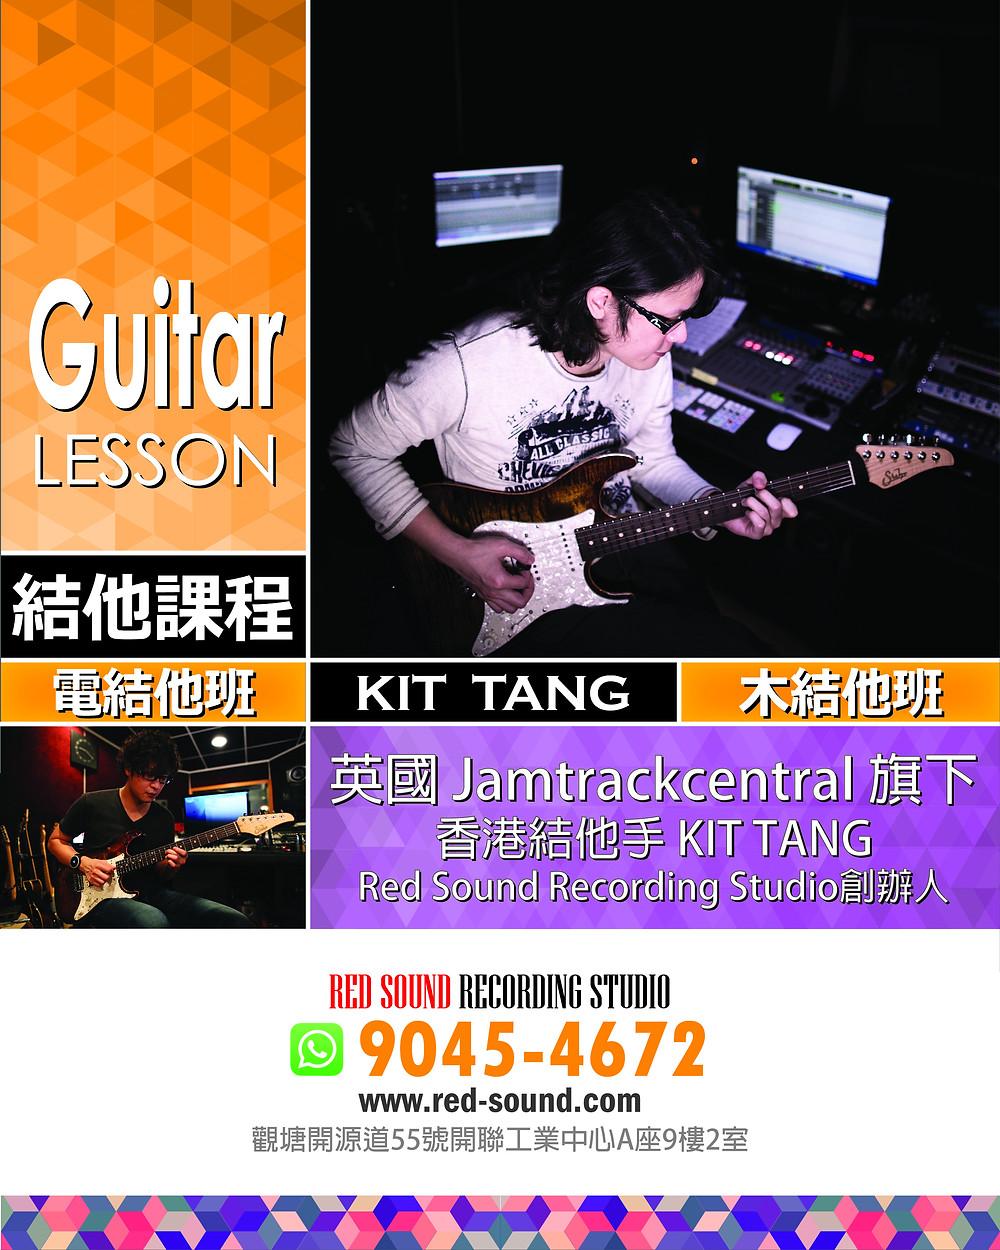 結他班, 結他教學, 學結他, 學木結他, 結他課程,kit tang, guitar lesson